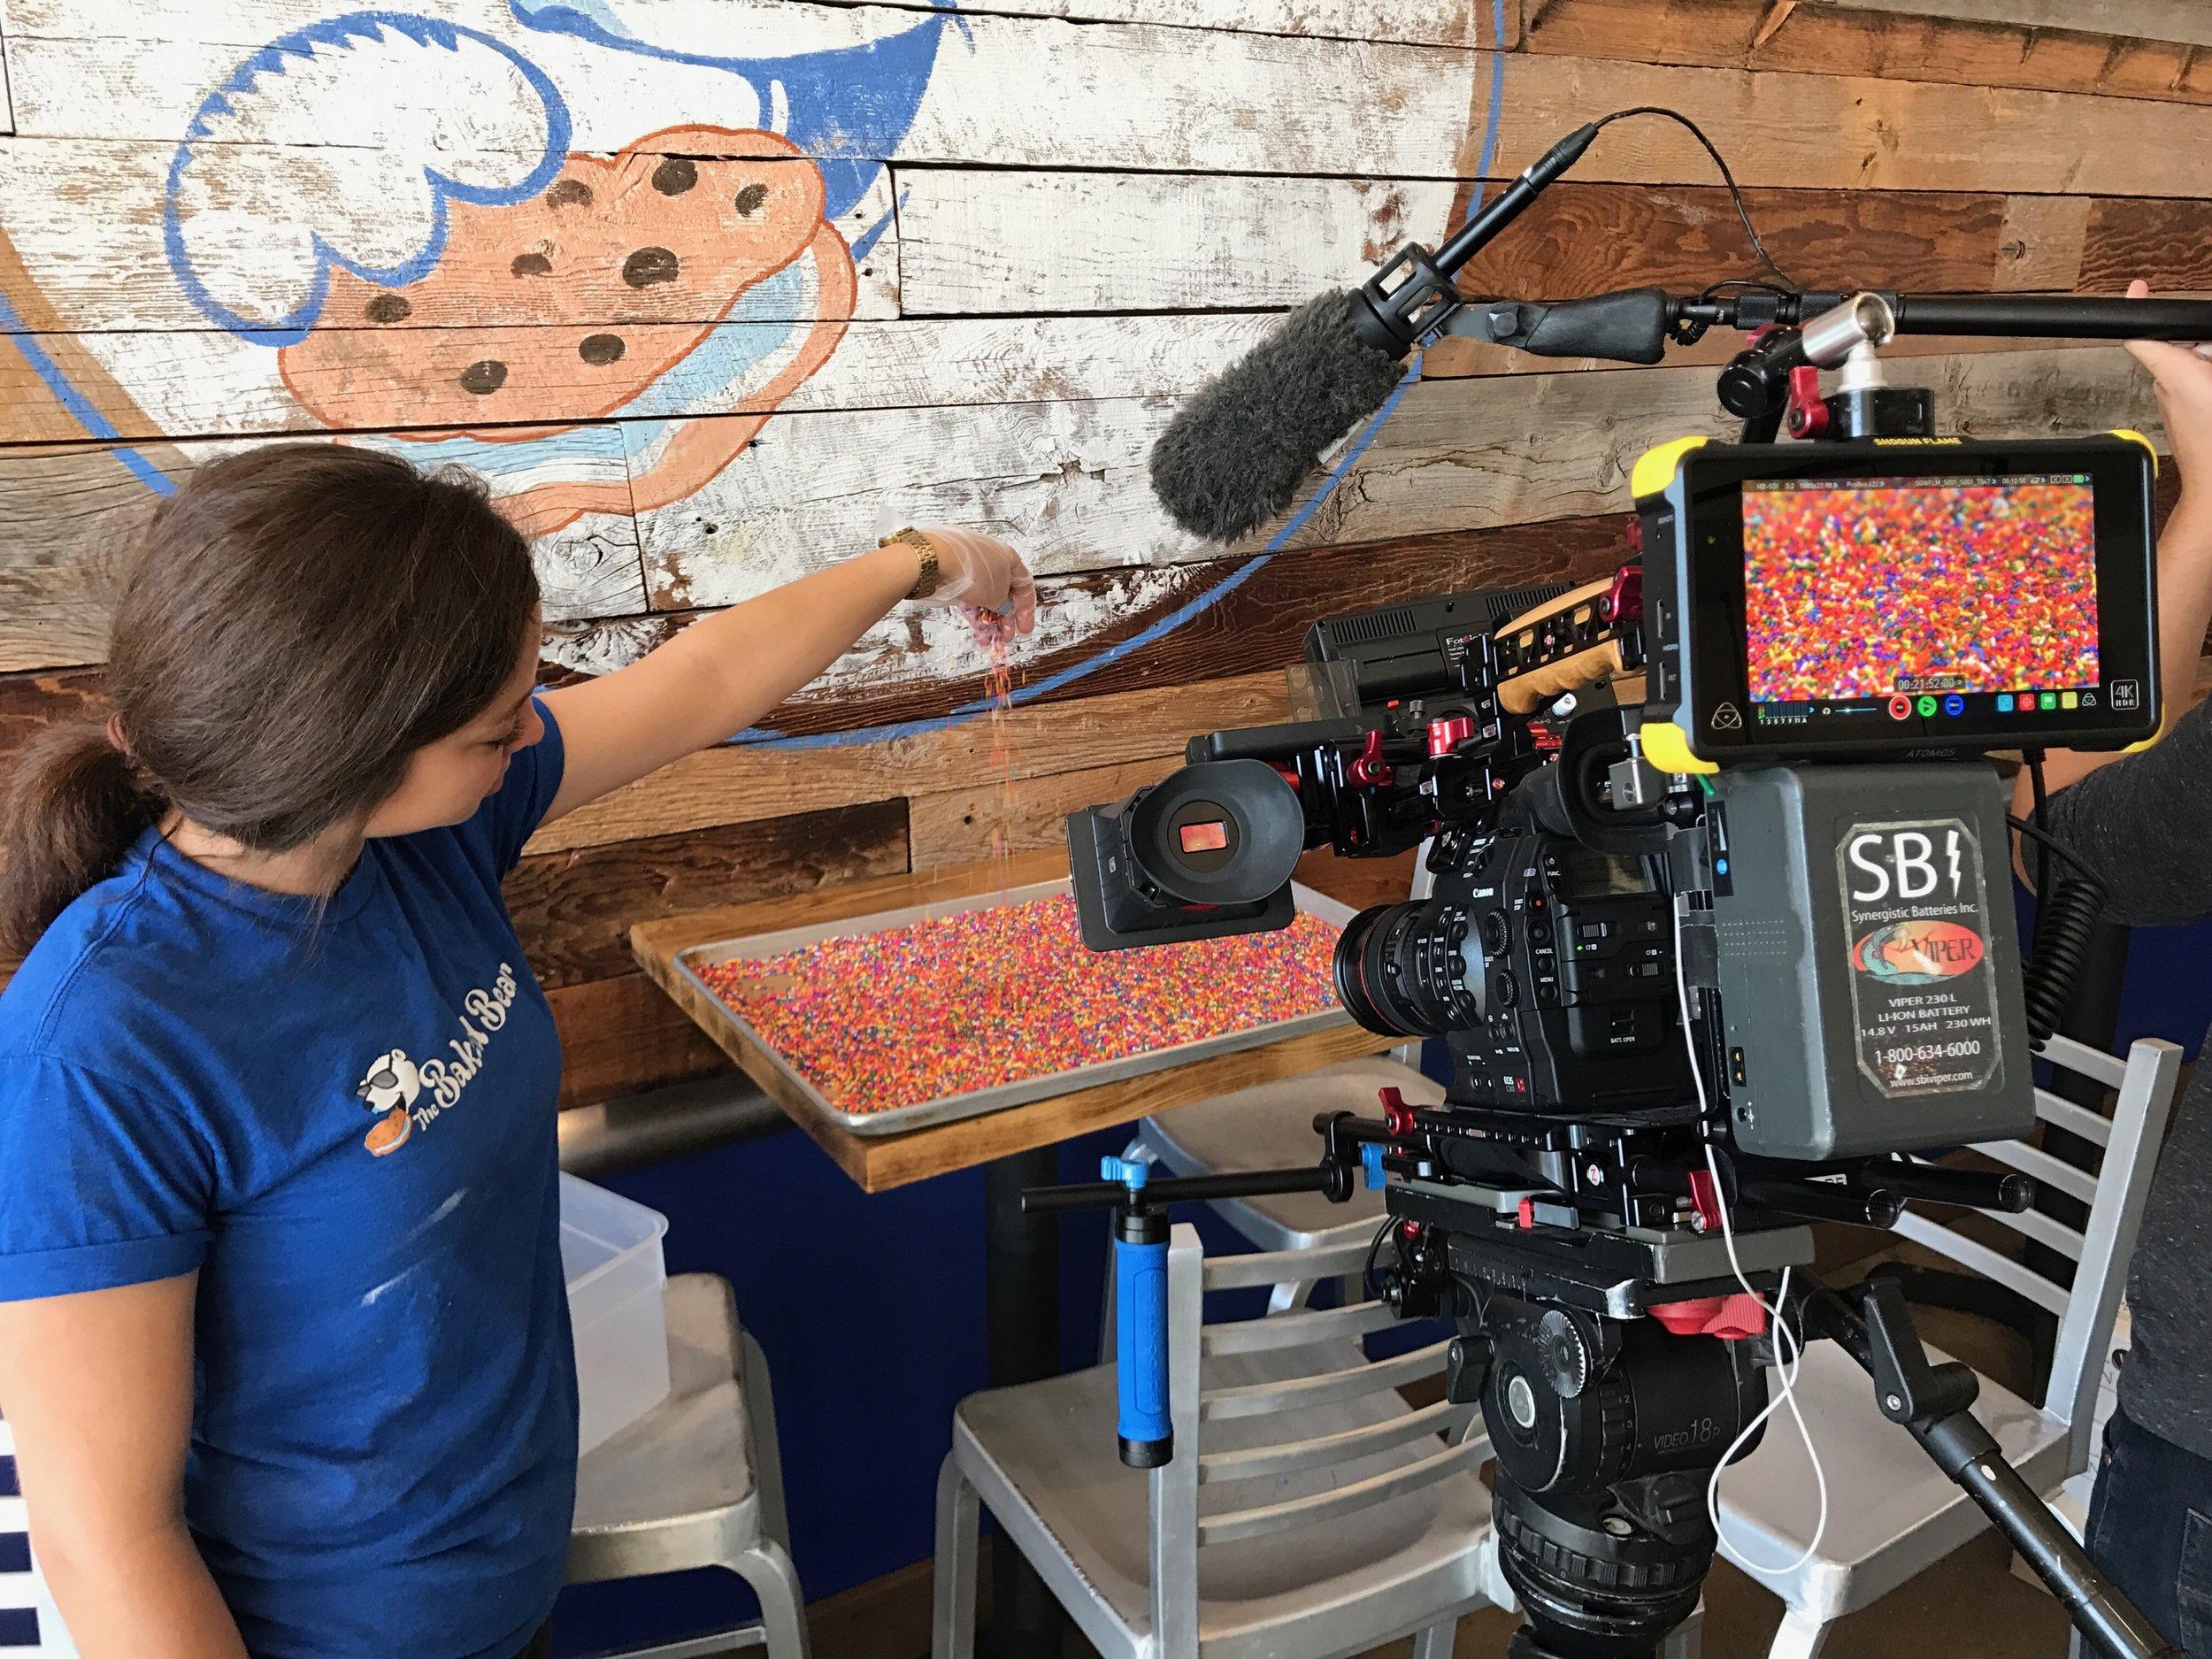 Cameraman-Video-Sprinkles